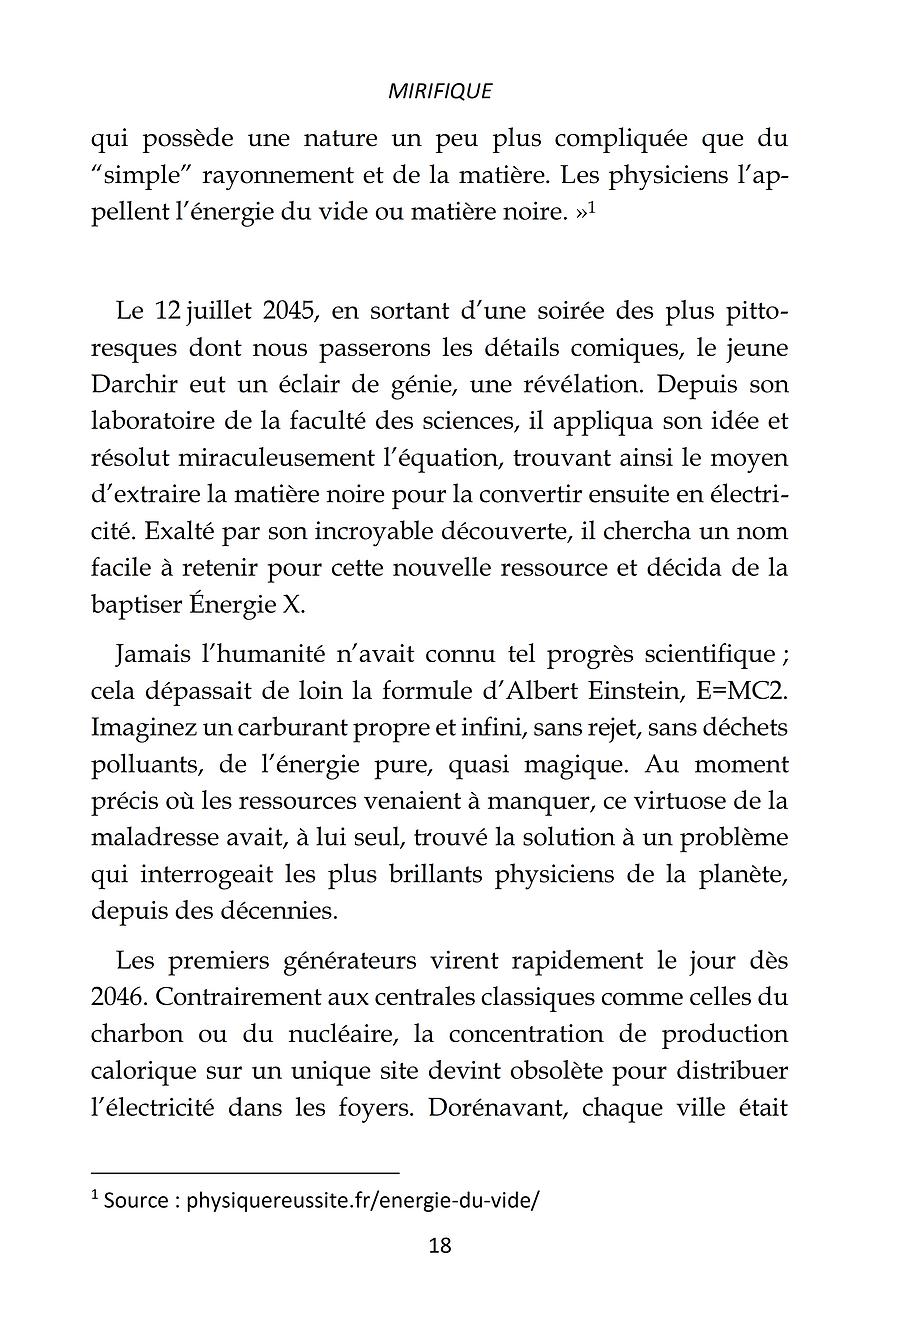 Ellho - Mirifique - Extraits_14.png